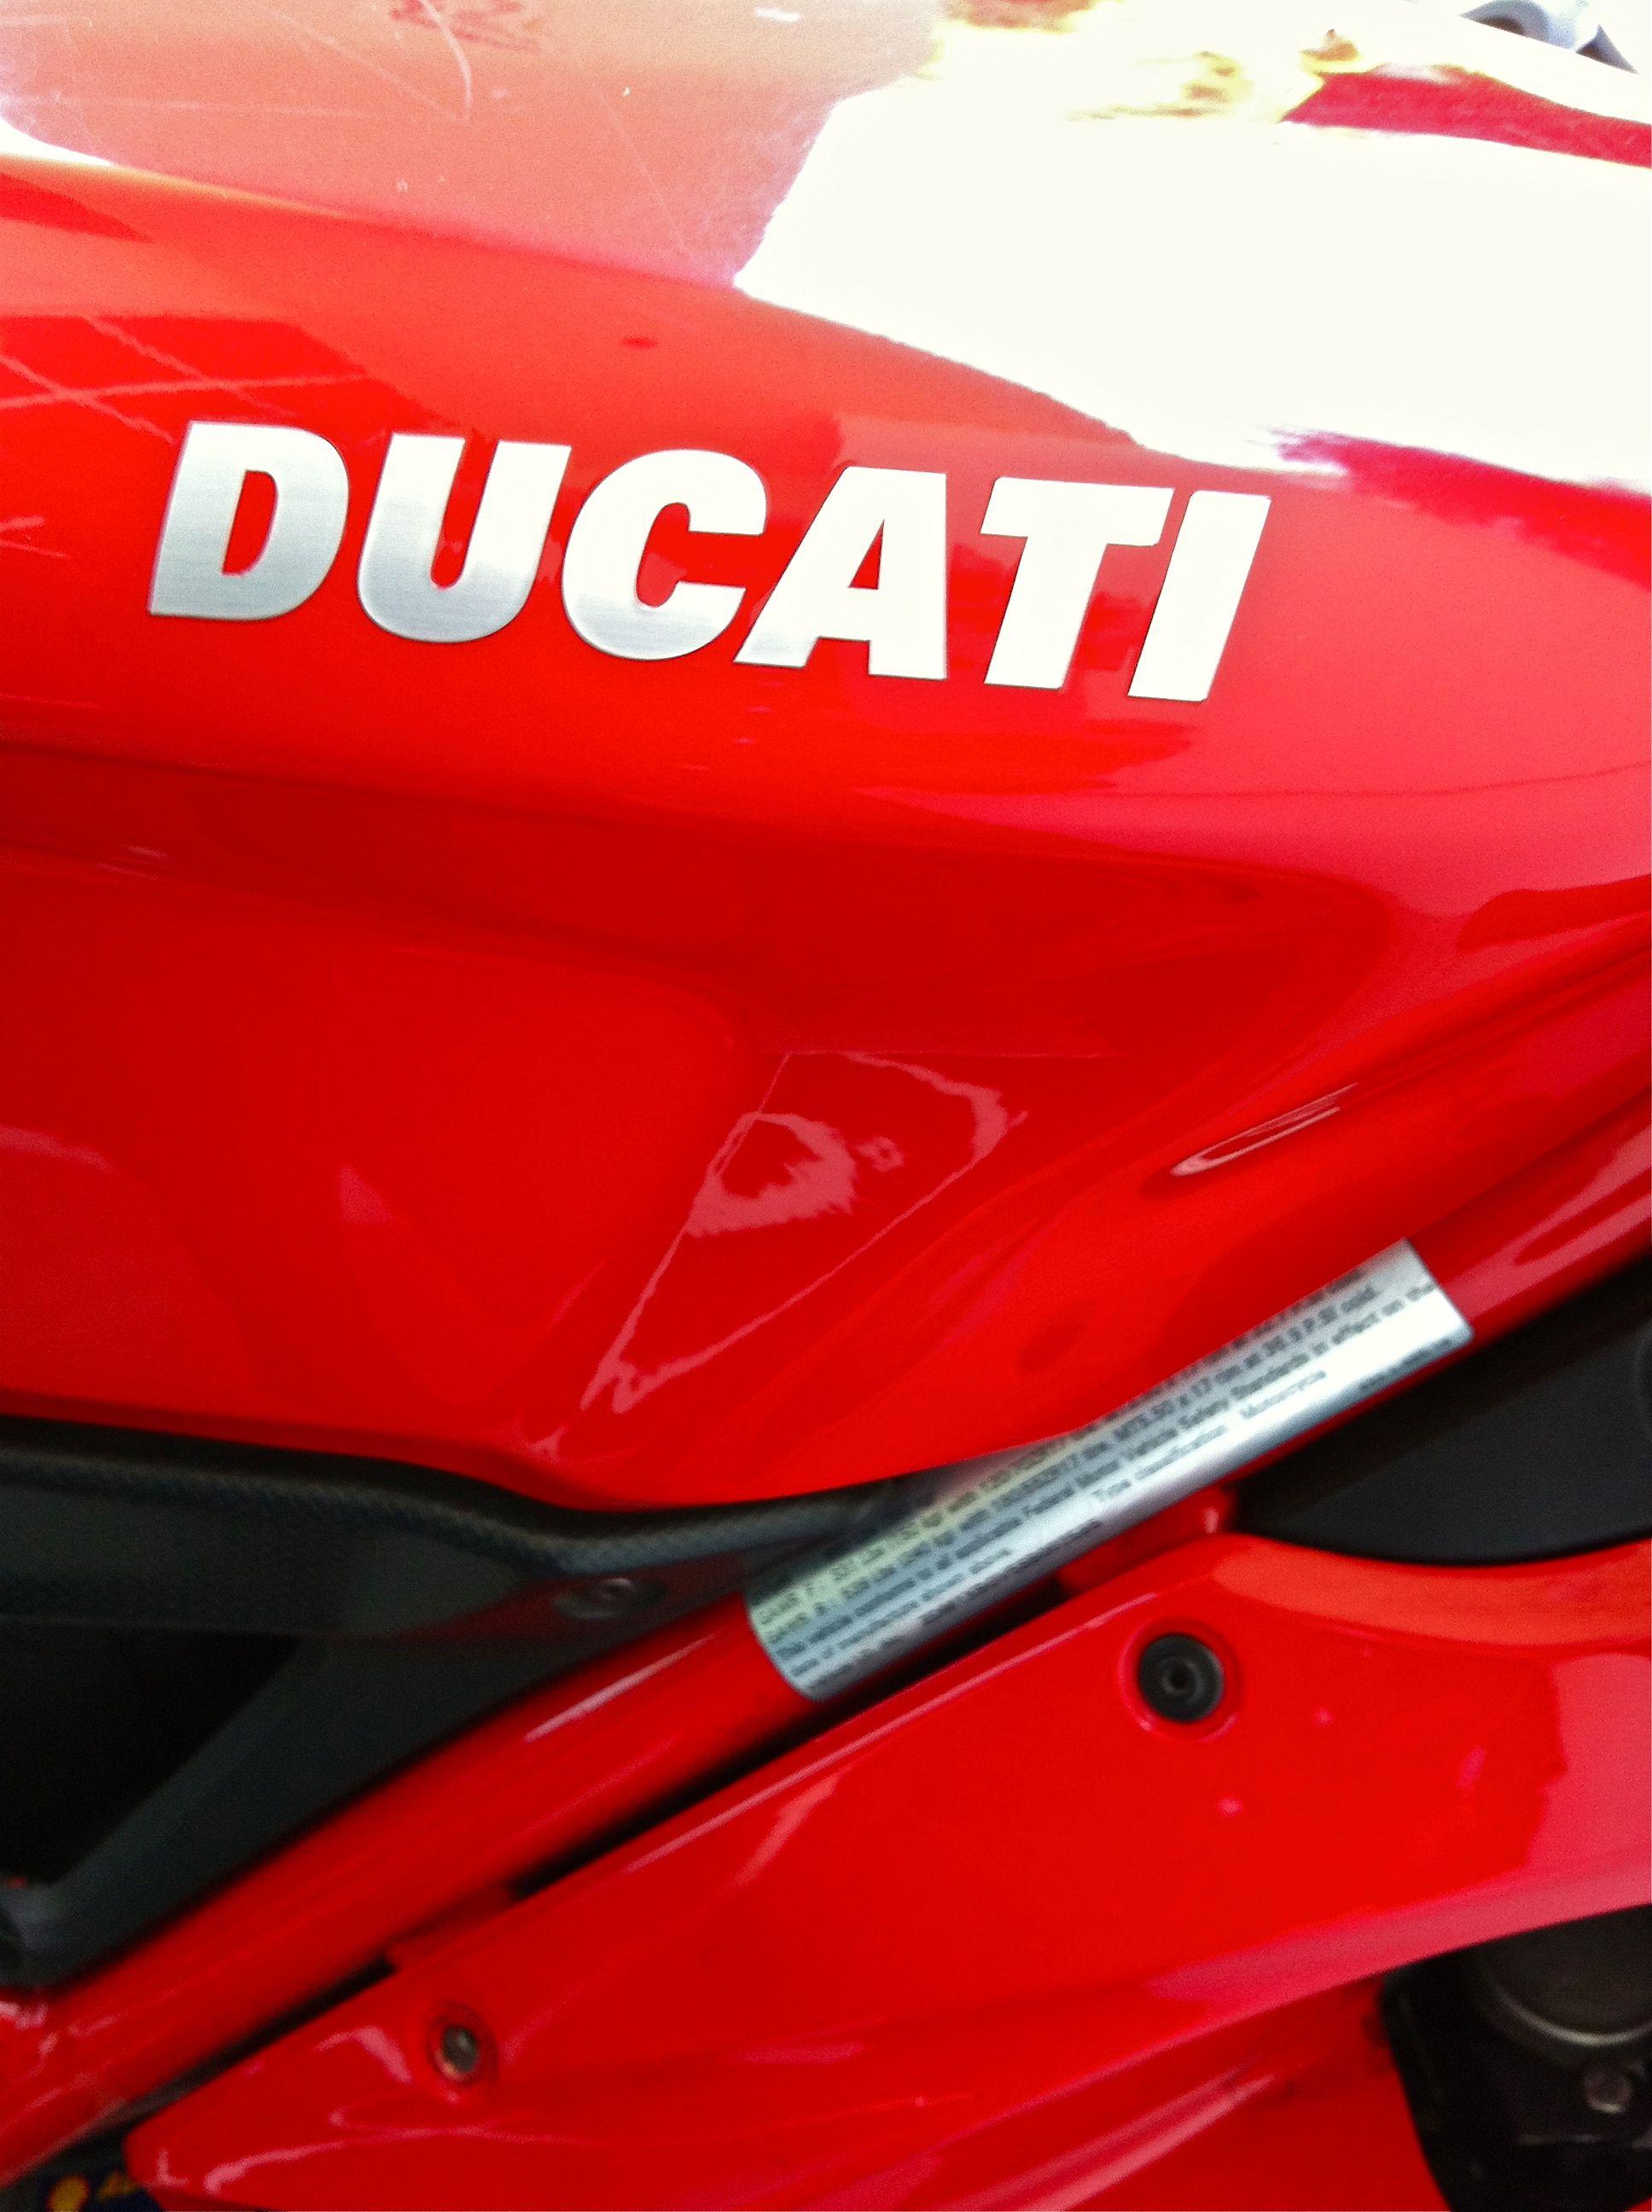 Ducati Cars & Bikes Ducati motorcycles, Ducati motor